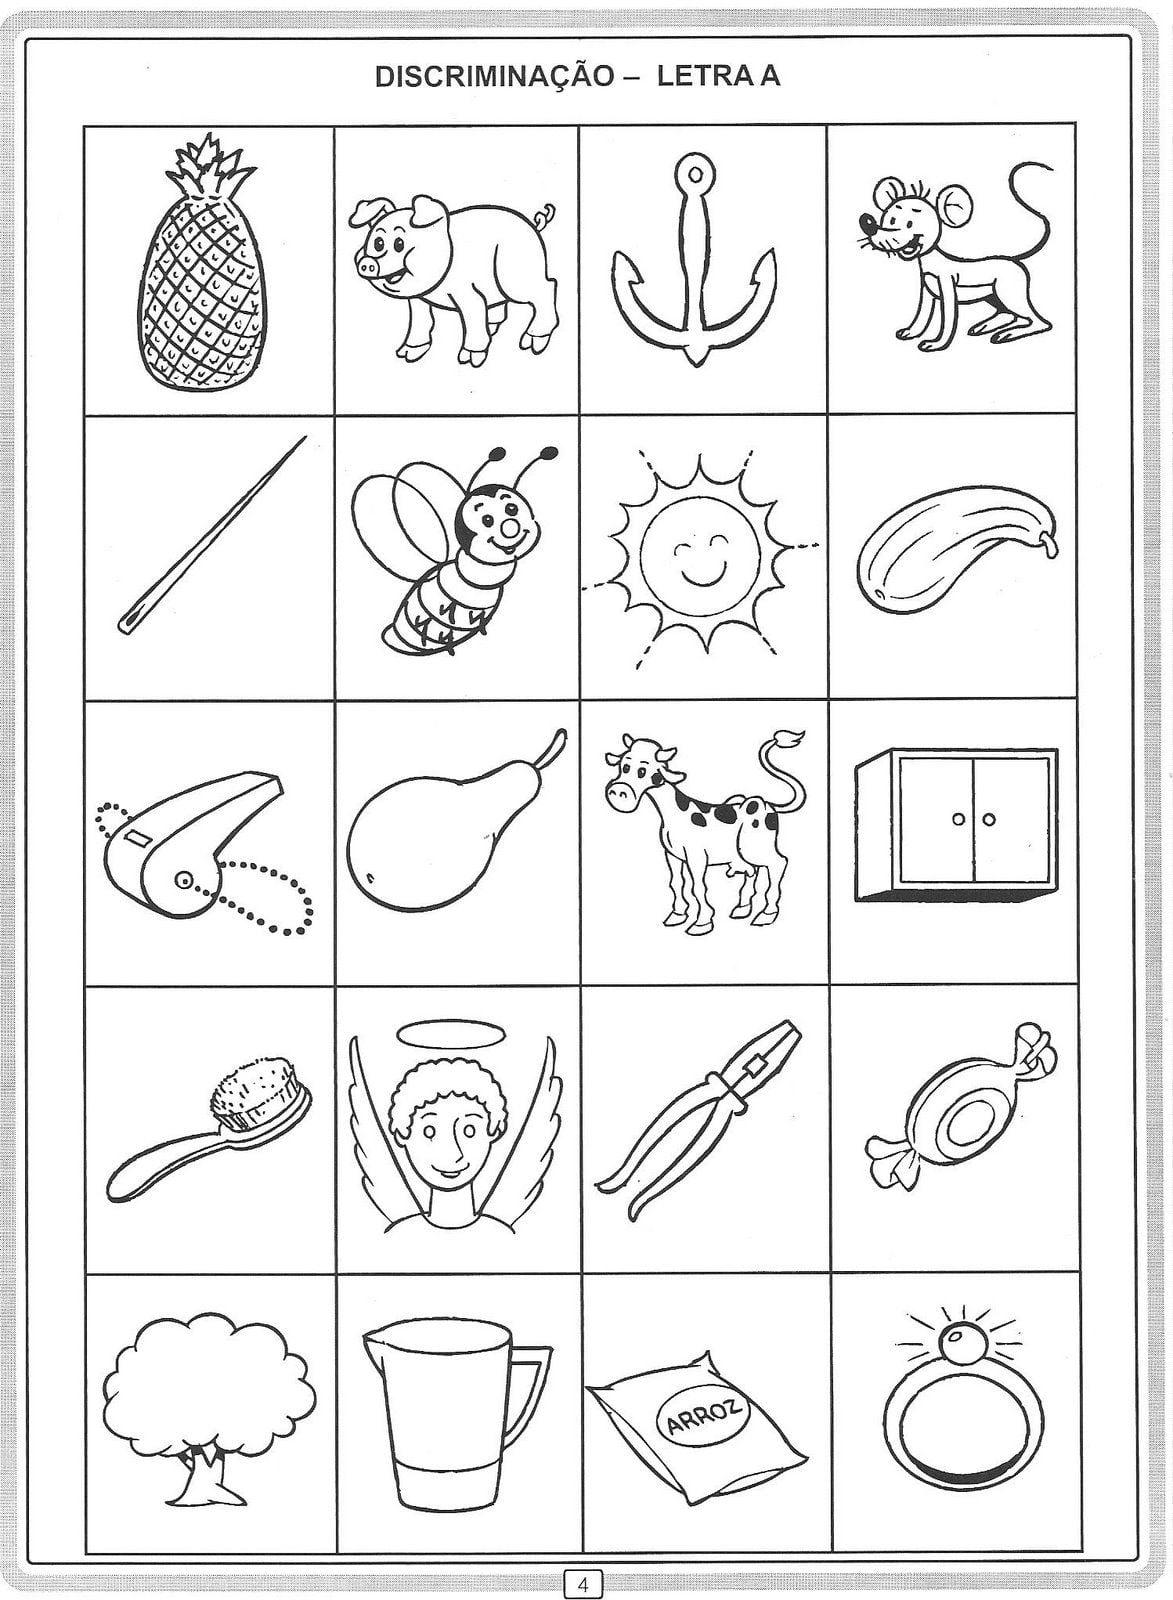 Atividade Para Alfabetização  Discriminando Letras De A A Z